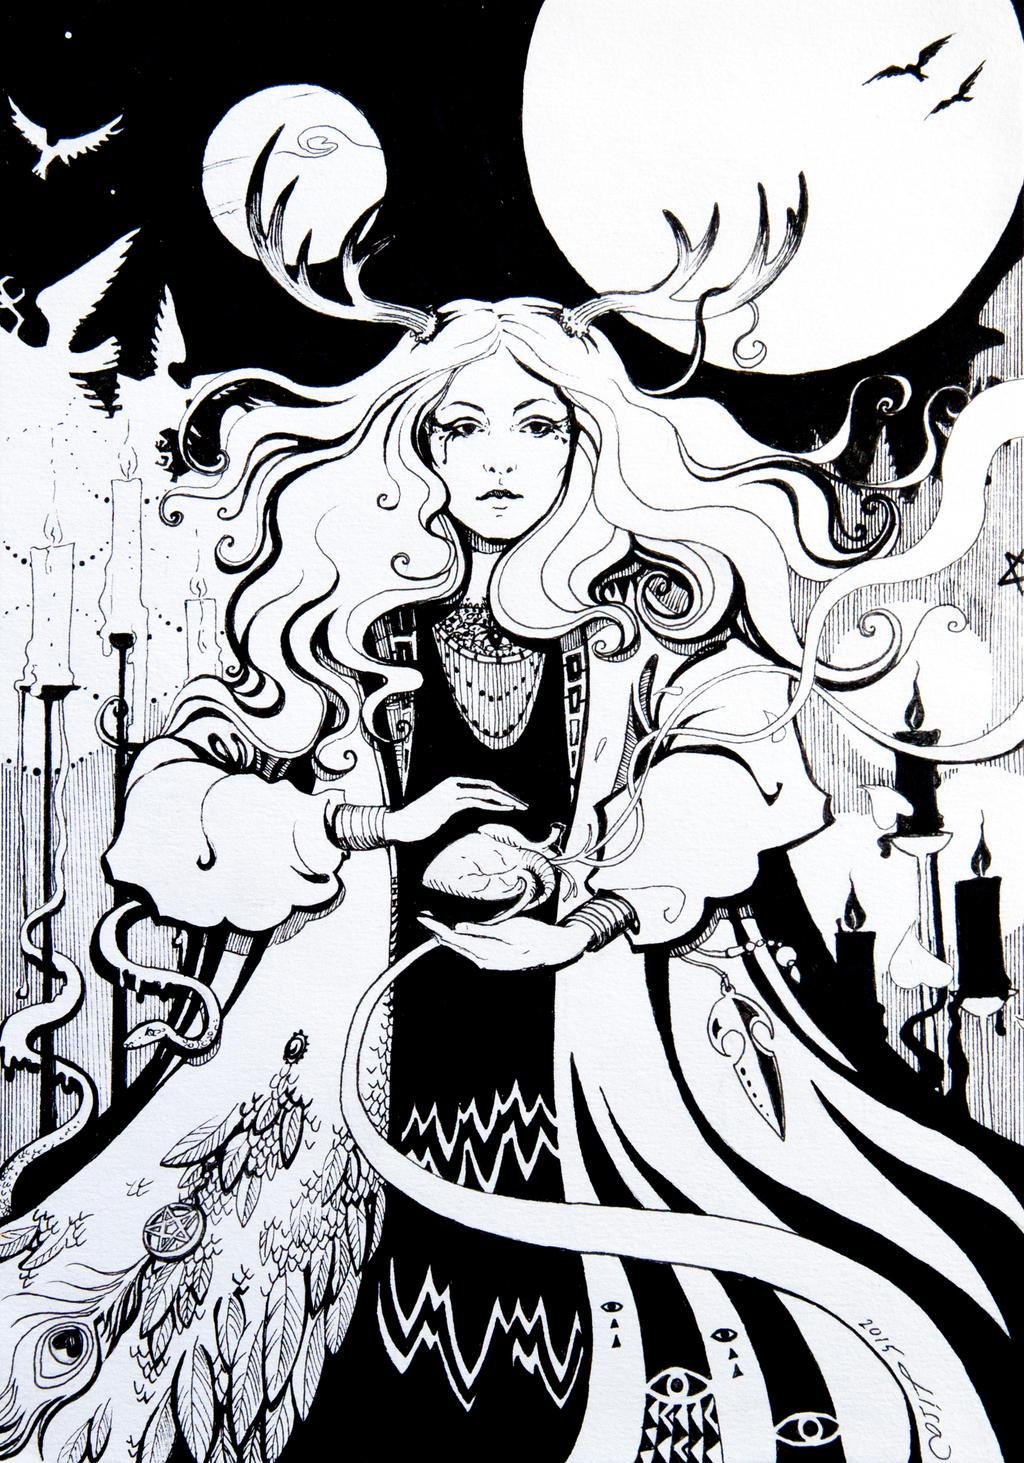 Black Magic by rawenna